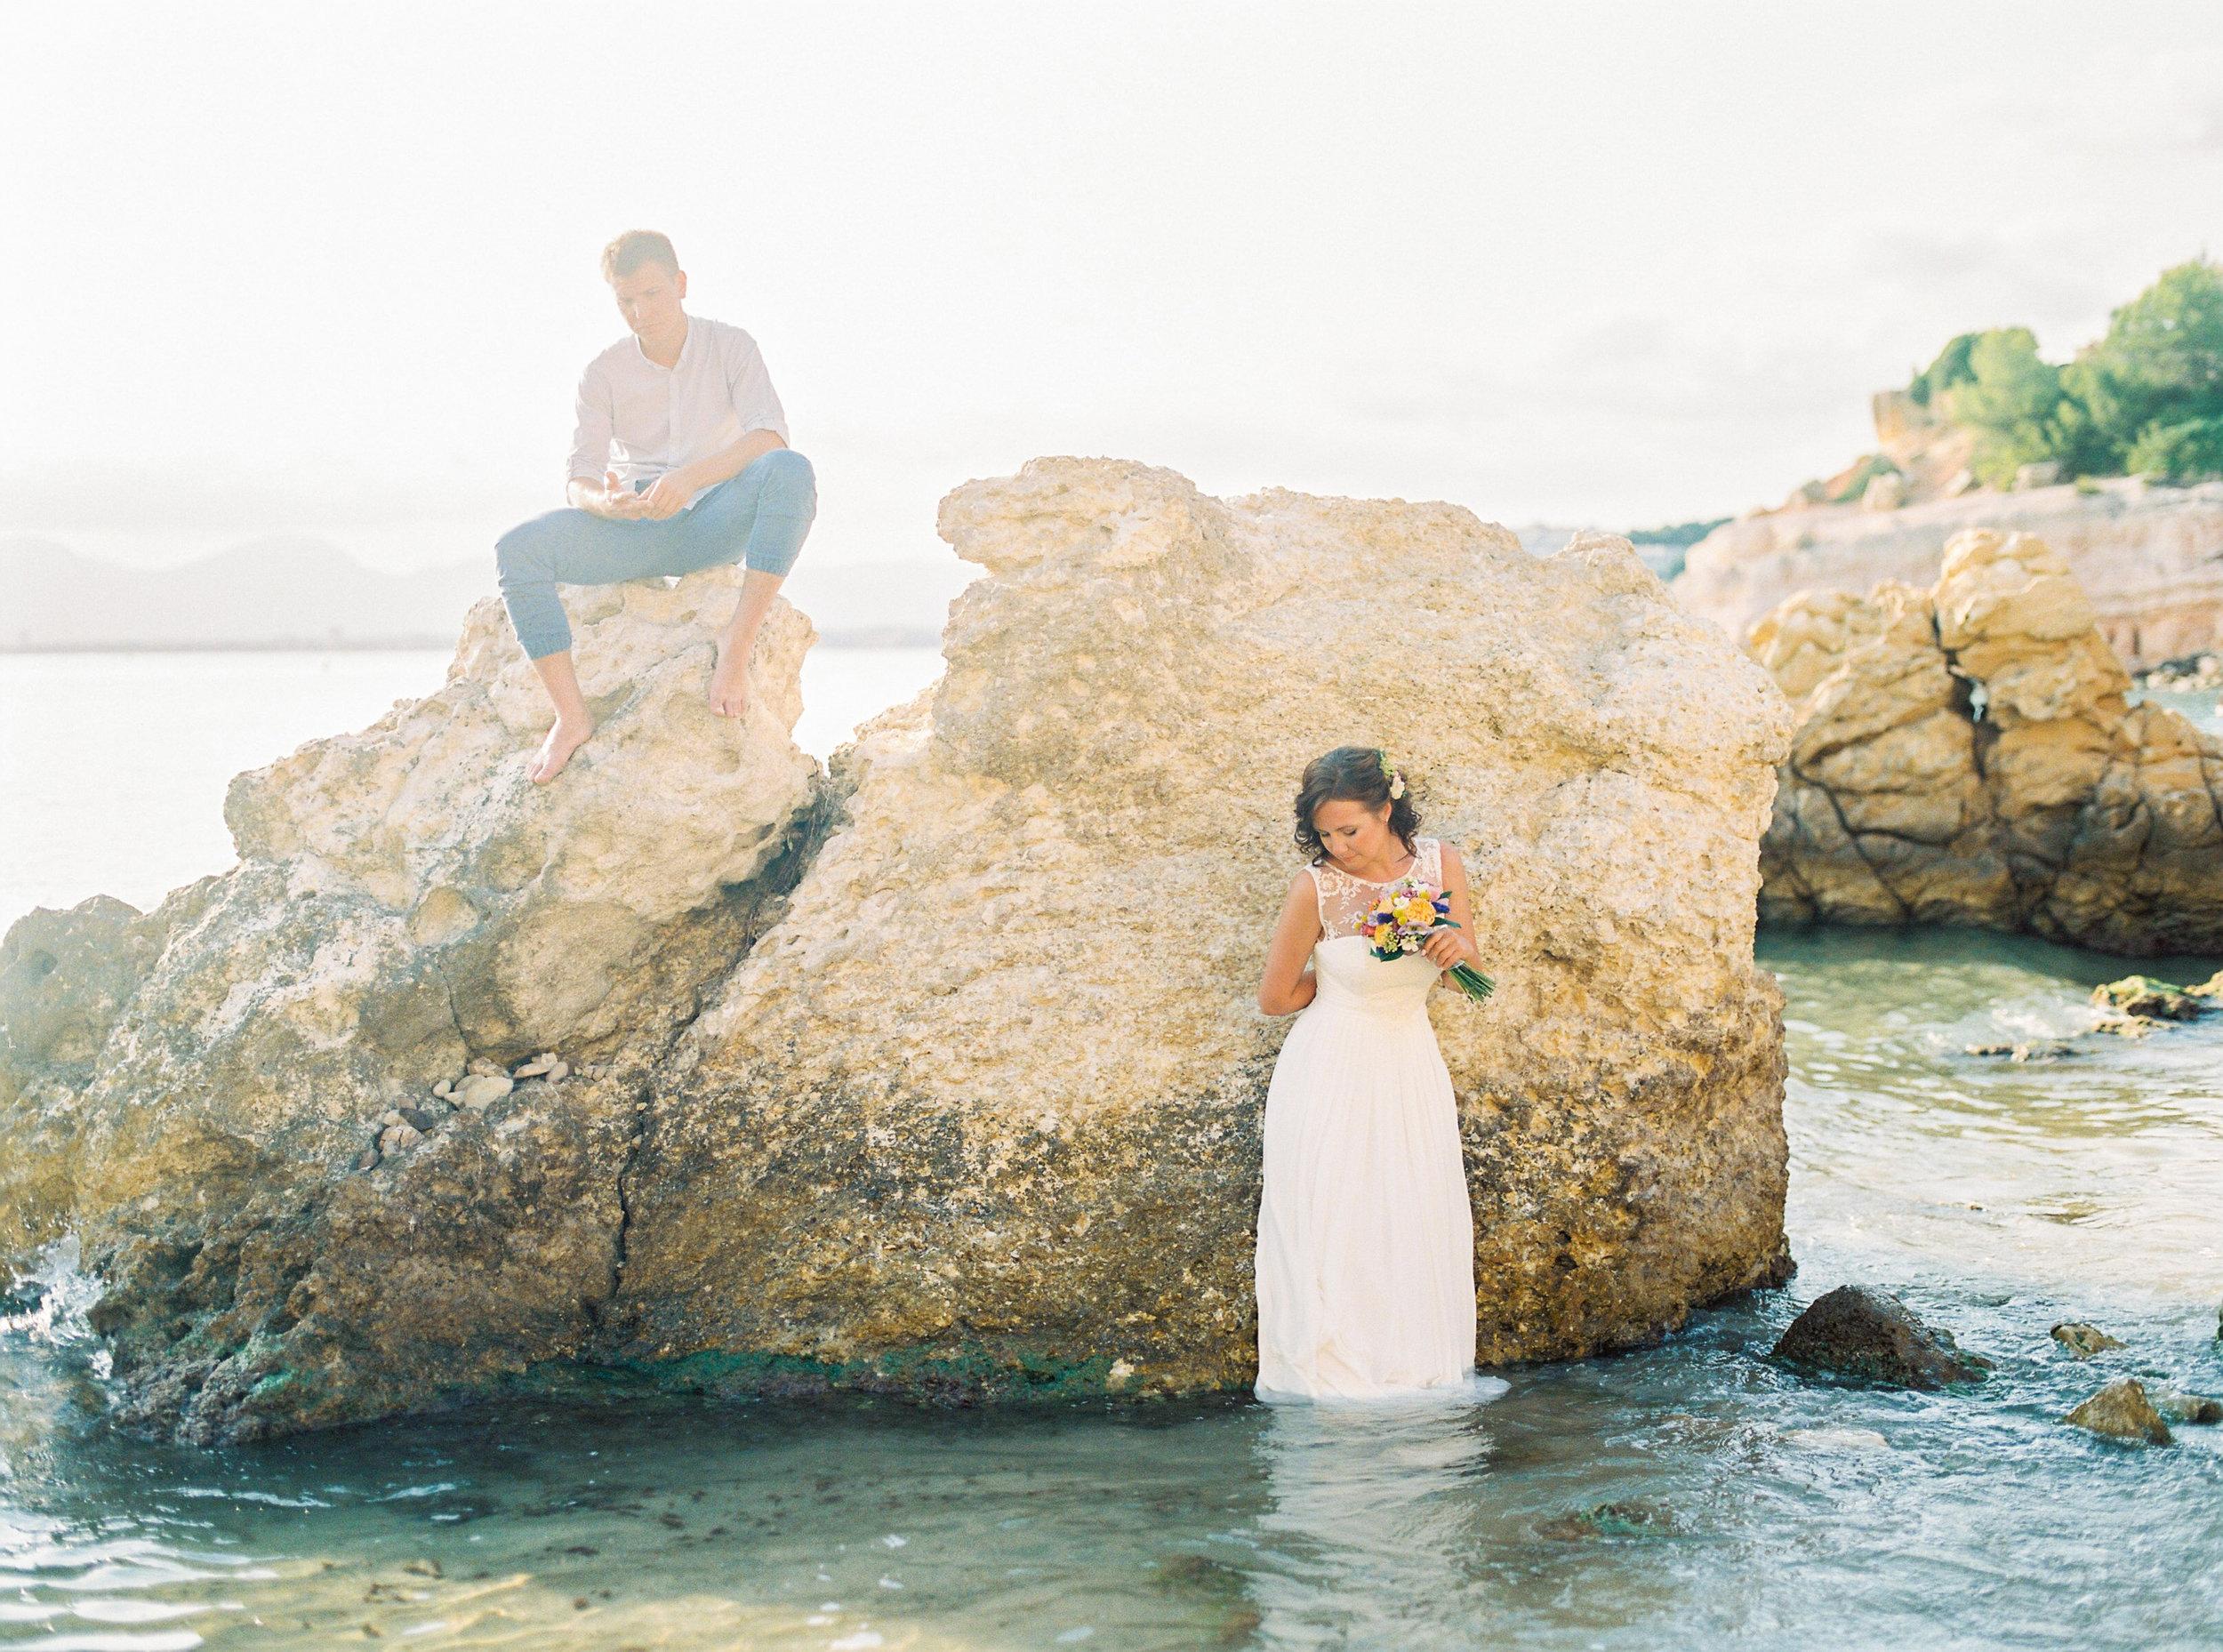 Salou, Spain Beach Wedding - Buenasphotos -- Wedding Blog - The Overwhelmed Bride